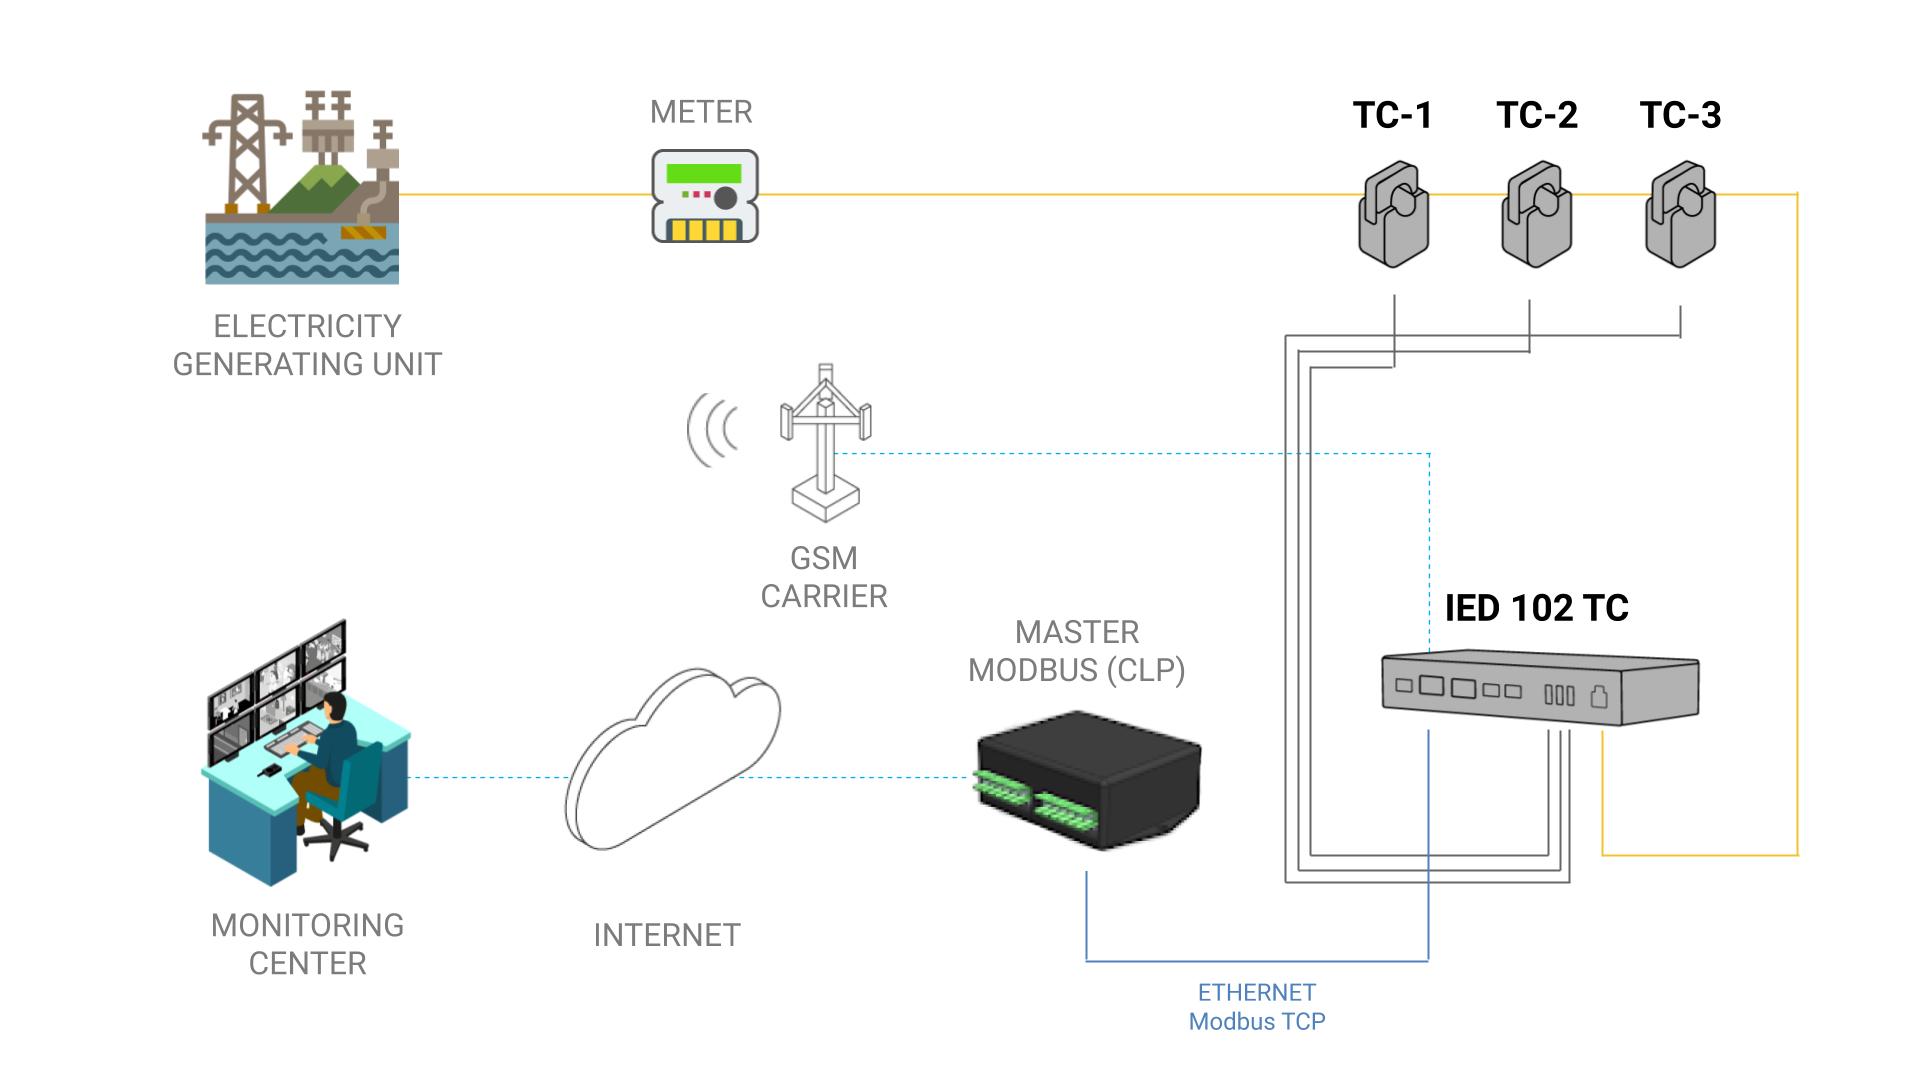 Application Model - IED 102 TC